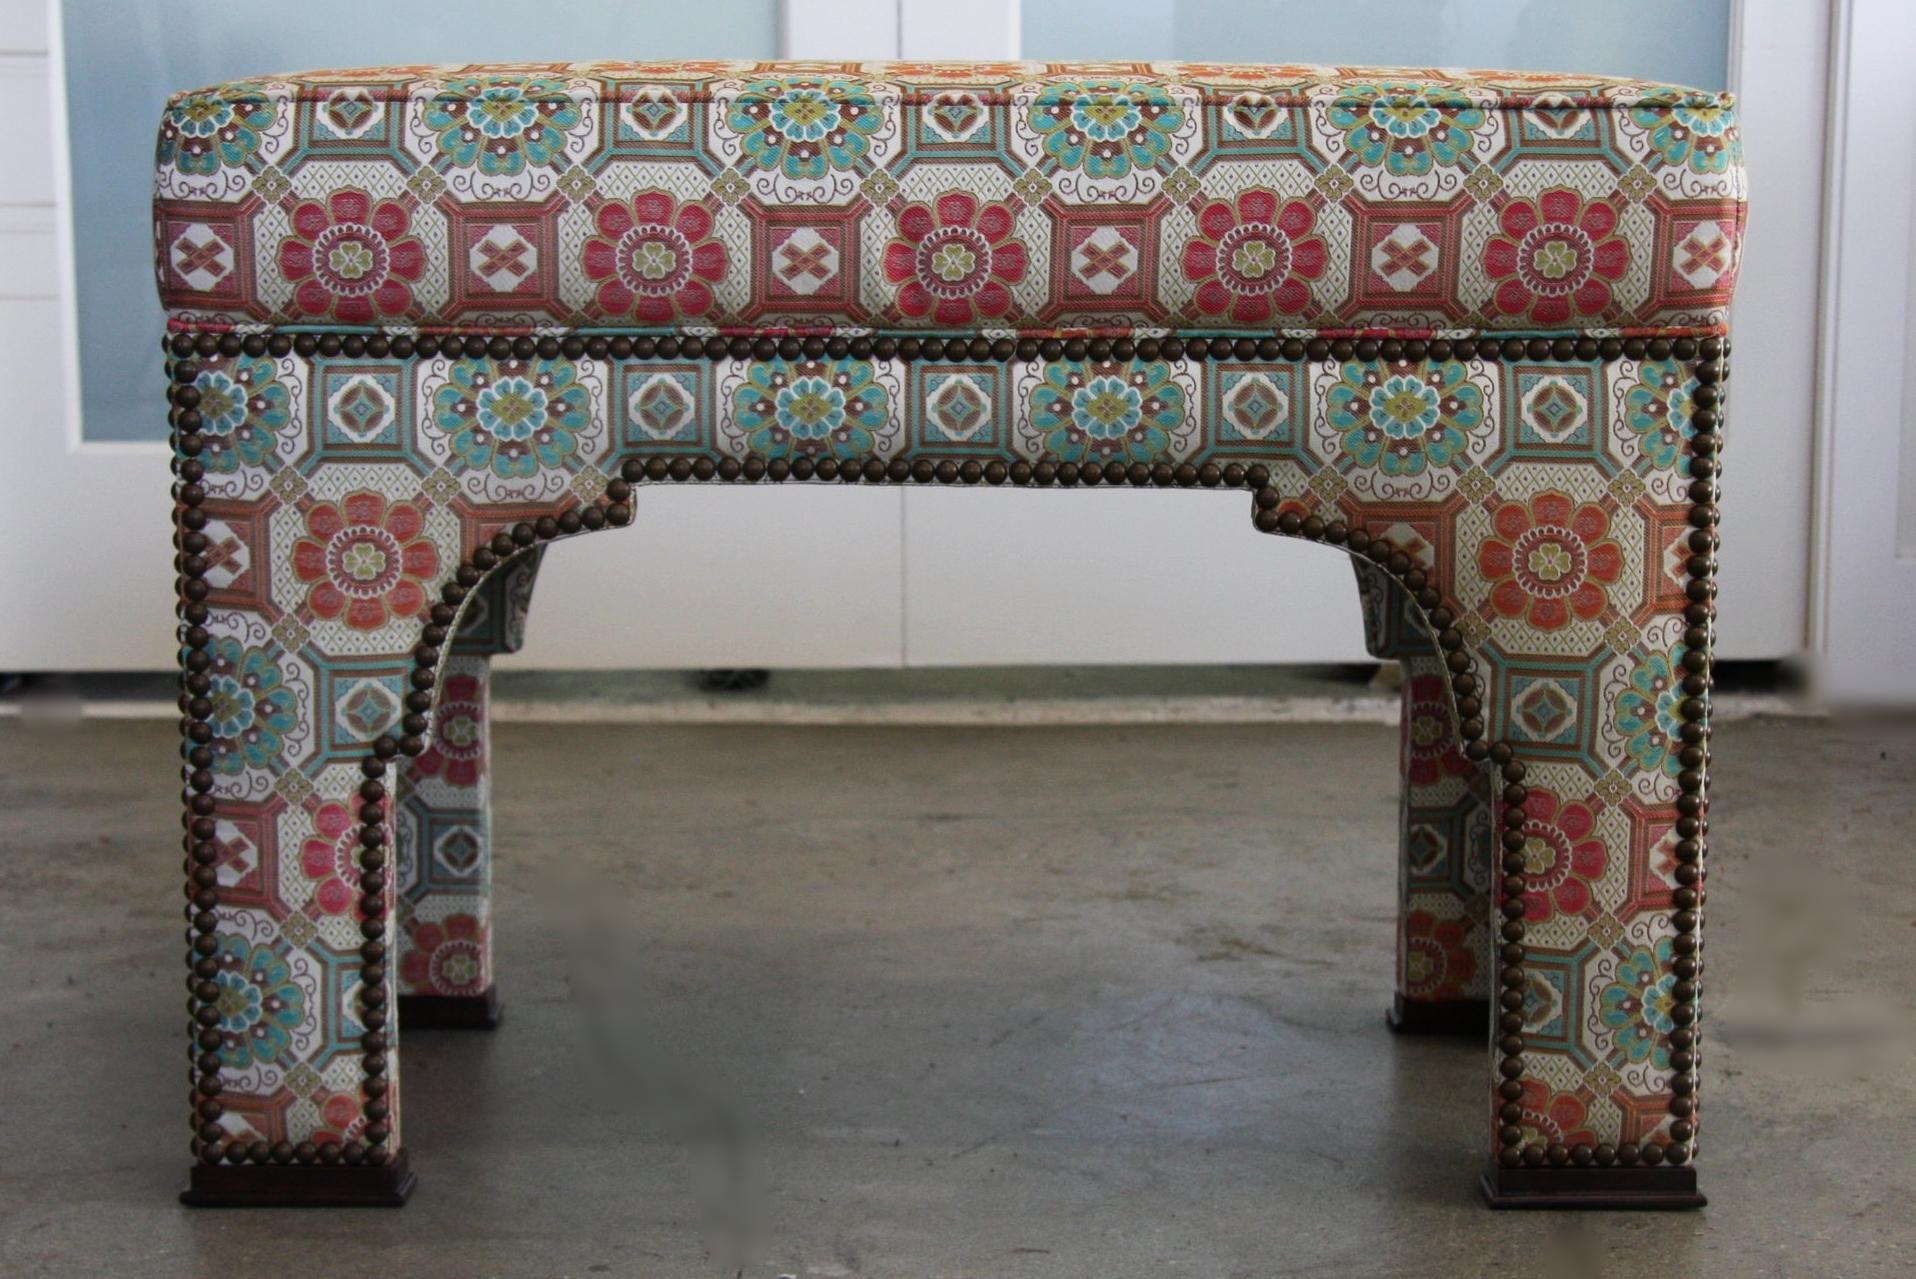 custom upholstered bench for a custom home in White Rock